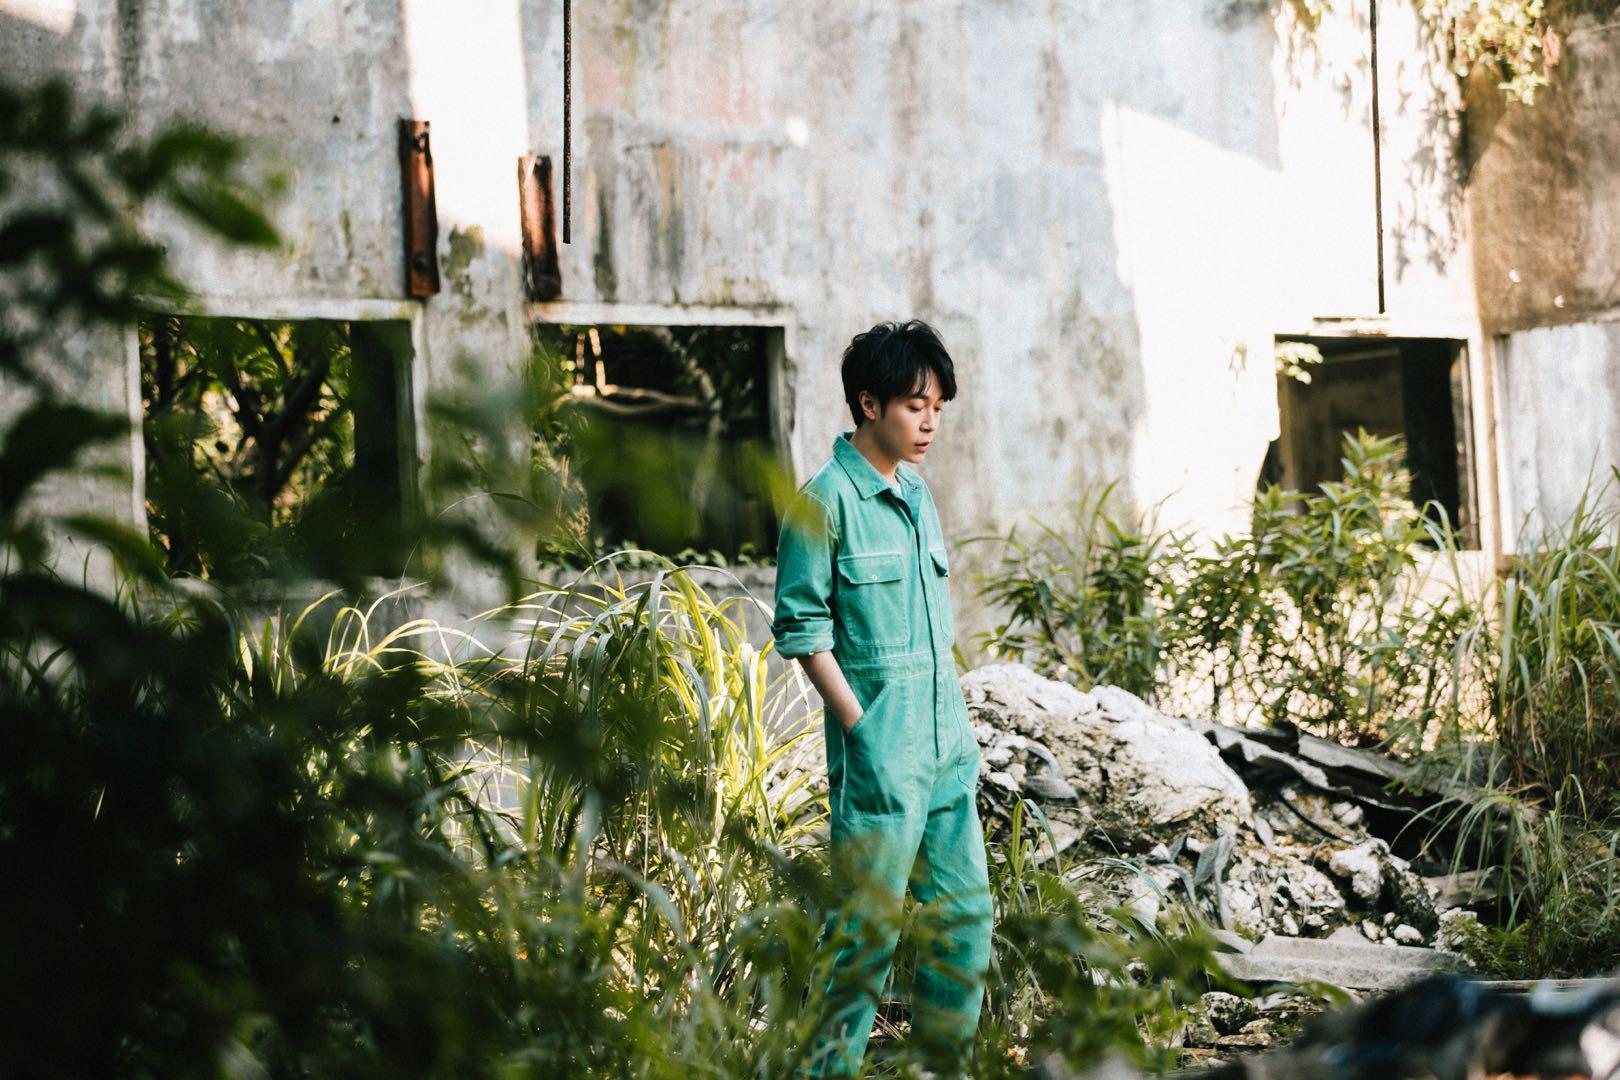 吴青峰太空系列第三部曲《太空船》MV上线  安室奈美惠超高人气MV导演首度执导华语MV